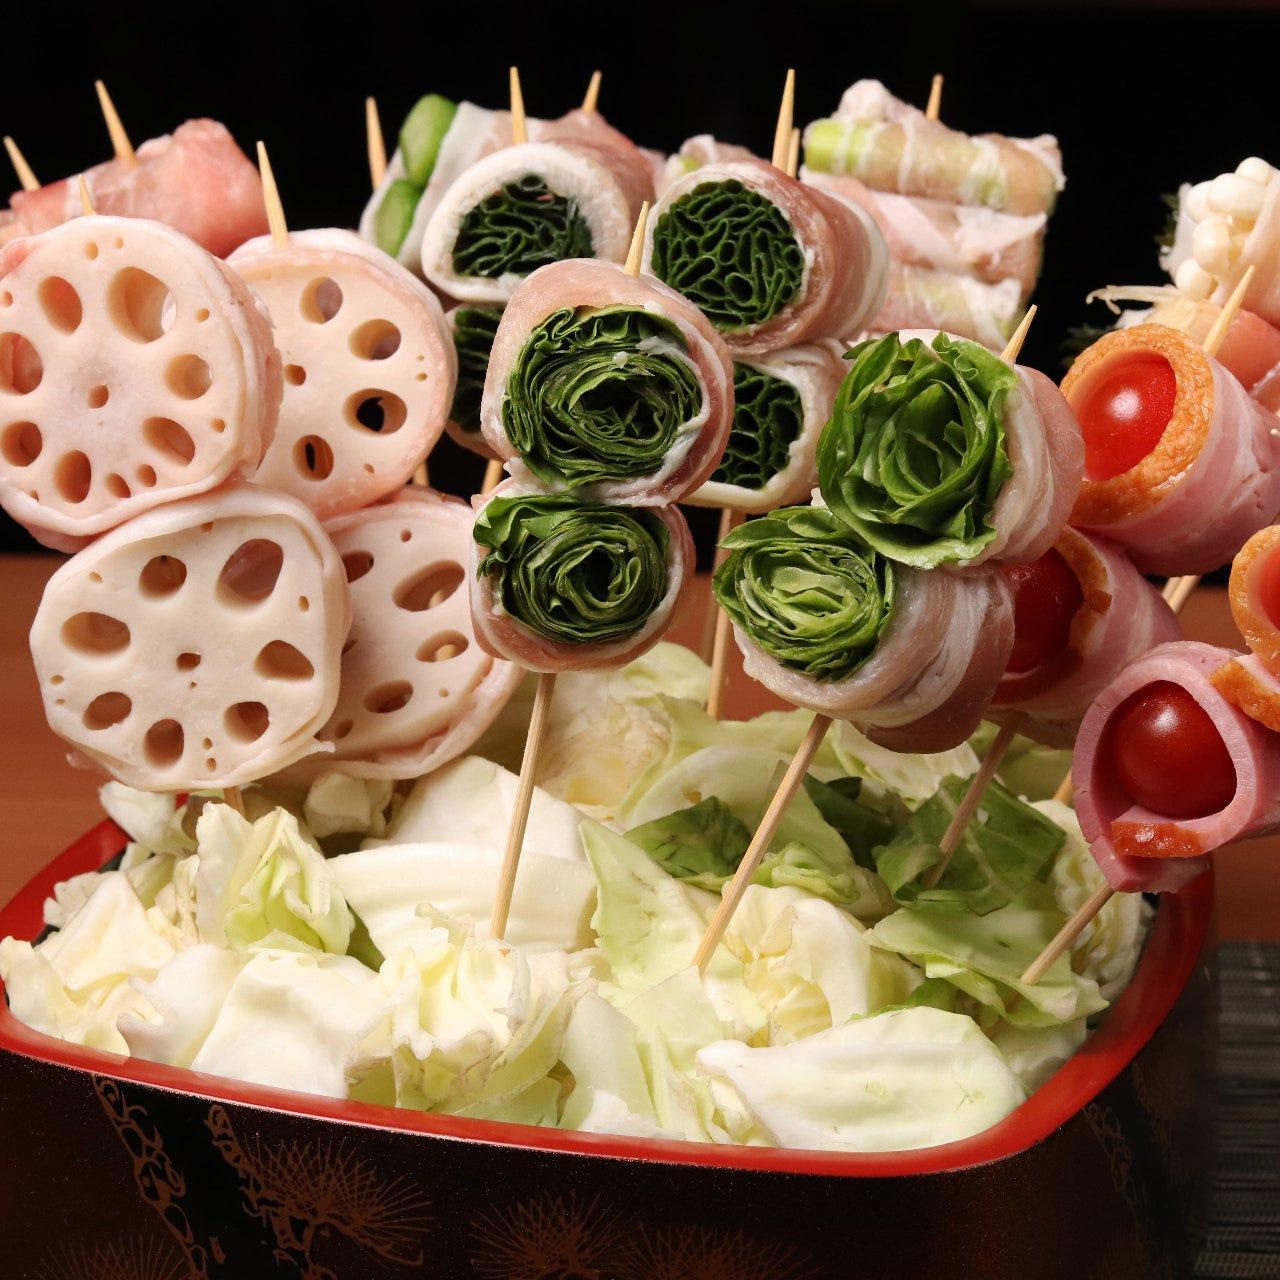 【実りコース】秋刀魚の蒲焼ご飯・野菜巻き串・焼鳥・カルパッチョ 全7品+2時間飲み放題付4,000⇒3,000円